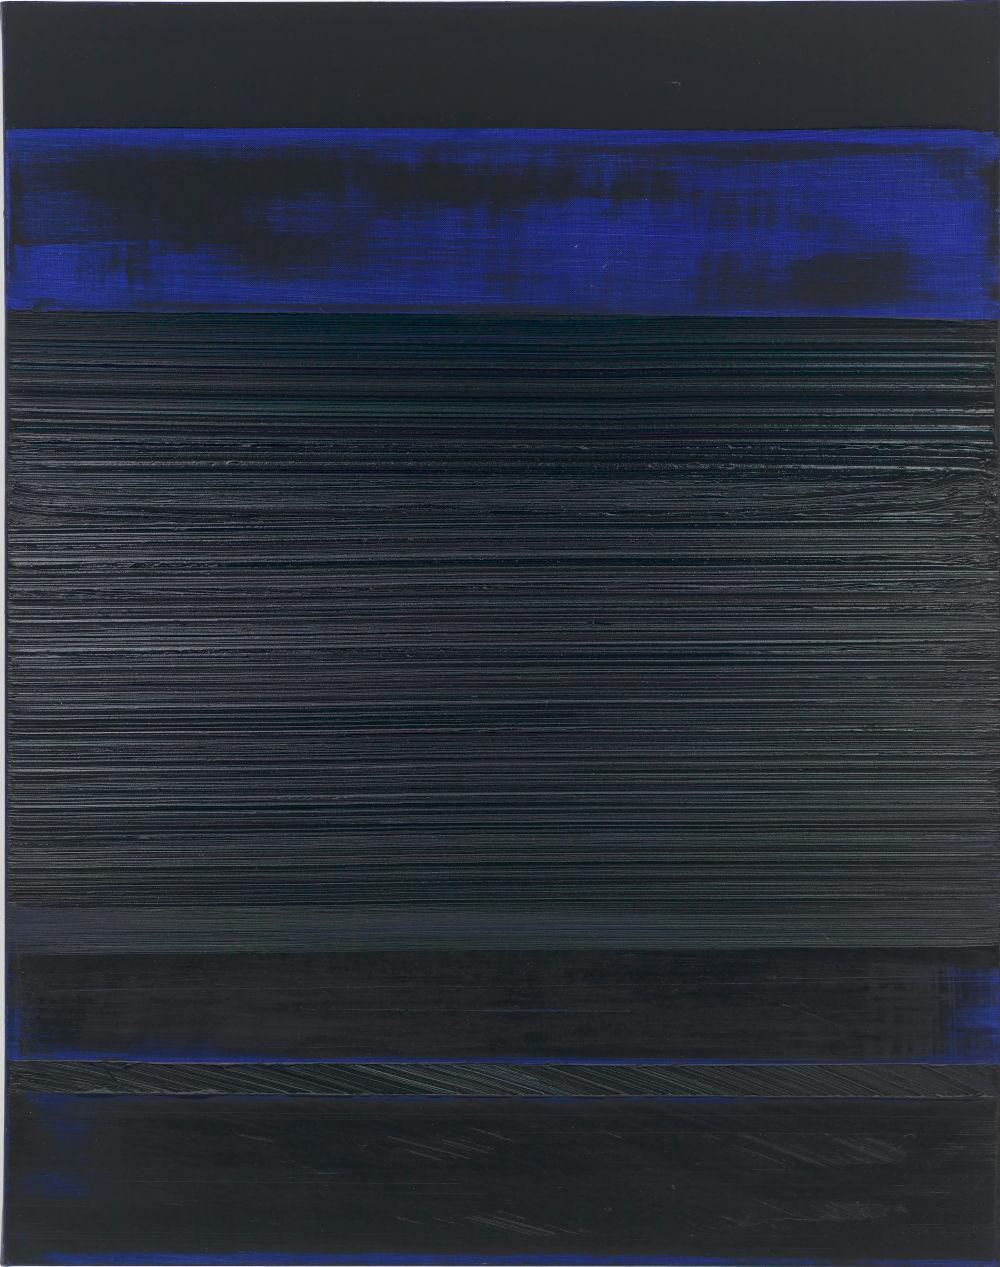 Peinture 92 x 73 cm, 27 février 1989